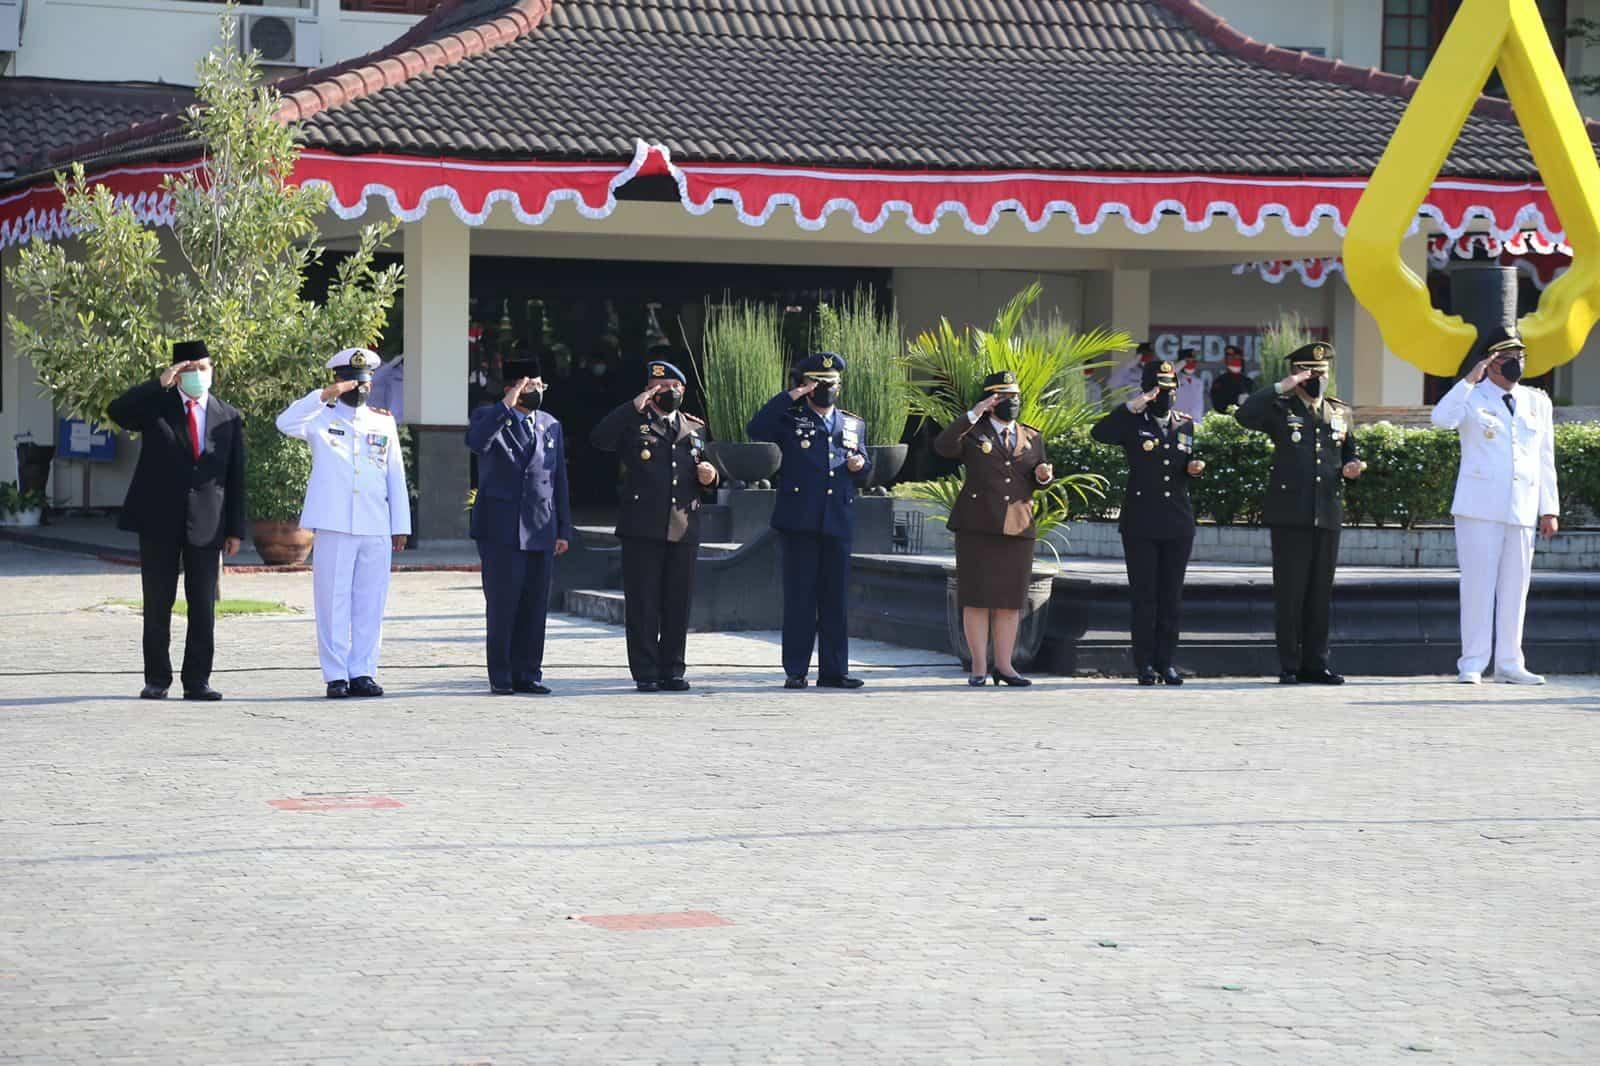 Satuan Radar 215 Congot Ikuti Upacara Peringatan ke-76 HUT Kemerdekaan RI di Kabupaten Kulon Progo, Daerah Istimewa Yogyakarta